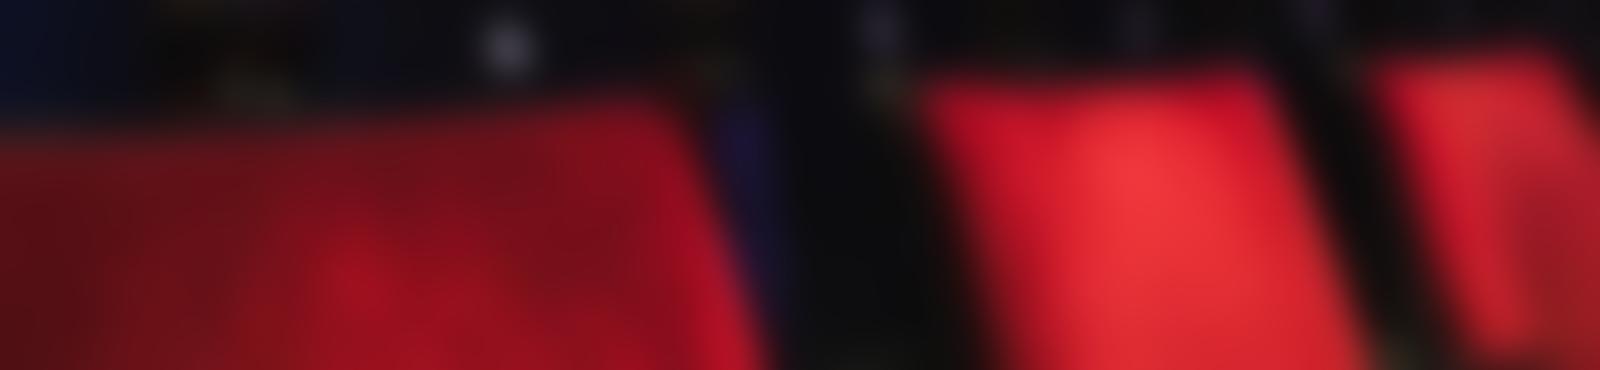 Blurred fe18b82b f1a5 4878 88d2 3b3c5155aa36